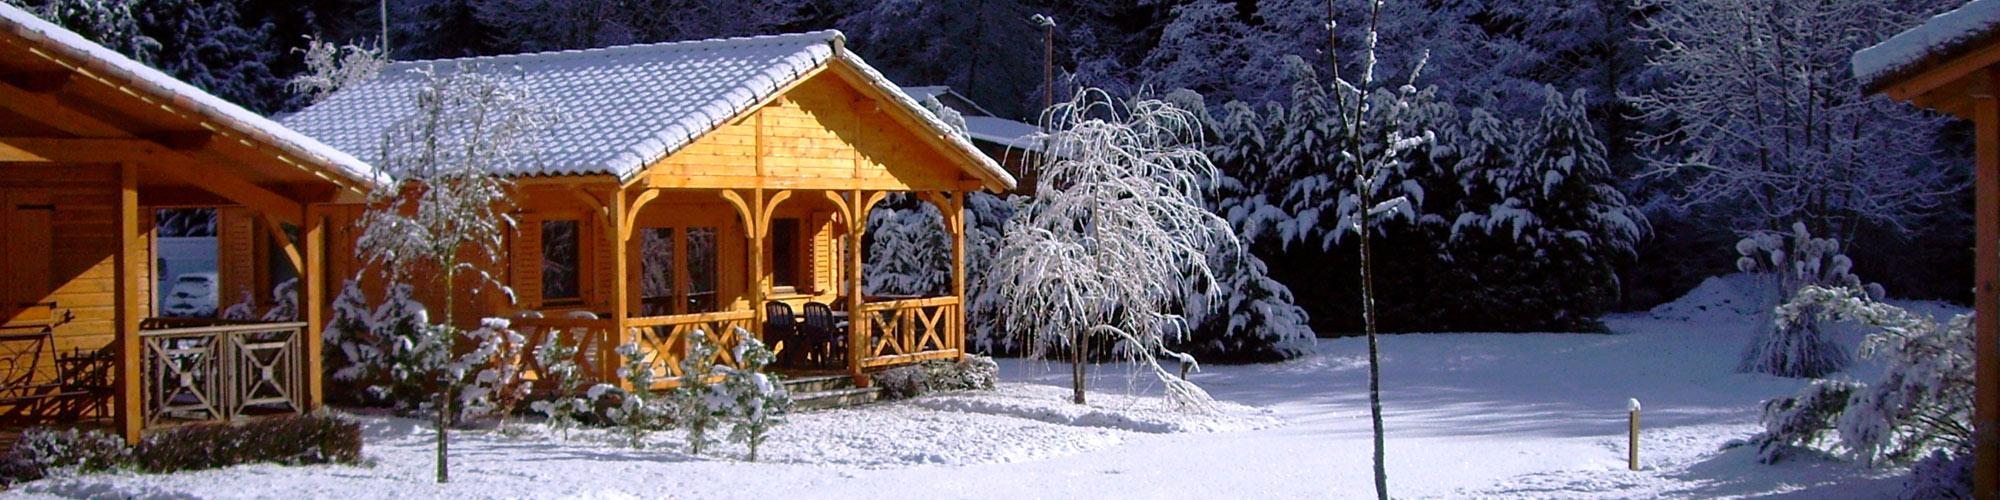 TAILLADE DE MONTSEGUR locations vacances Sud France, de type chalet en bois en Ariège dans les pyrénées pour vacances d'hiver station de sport d'hiver